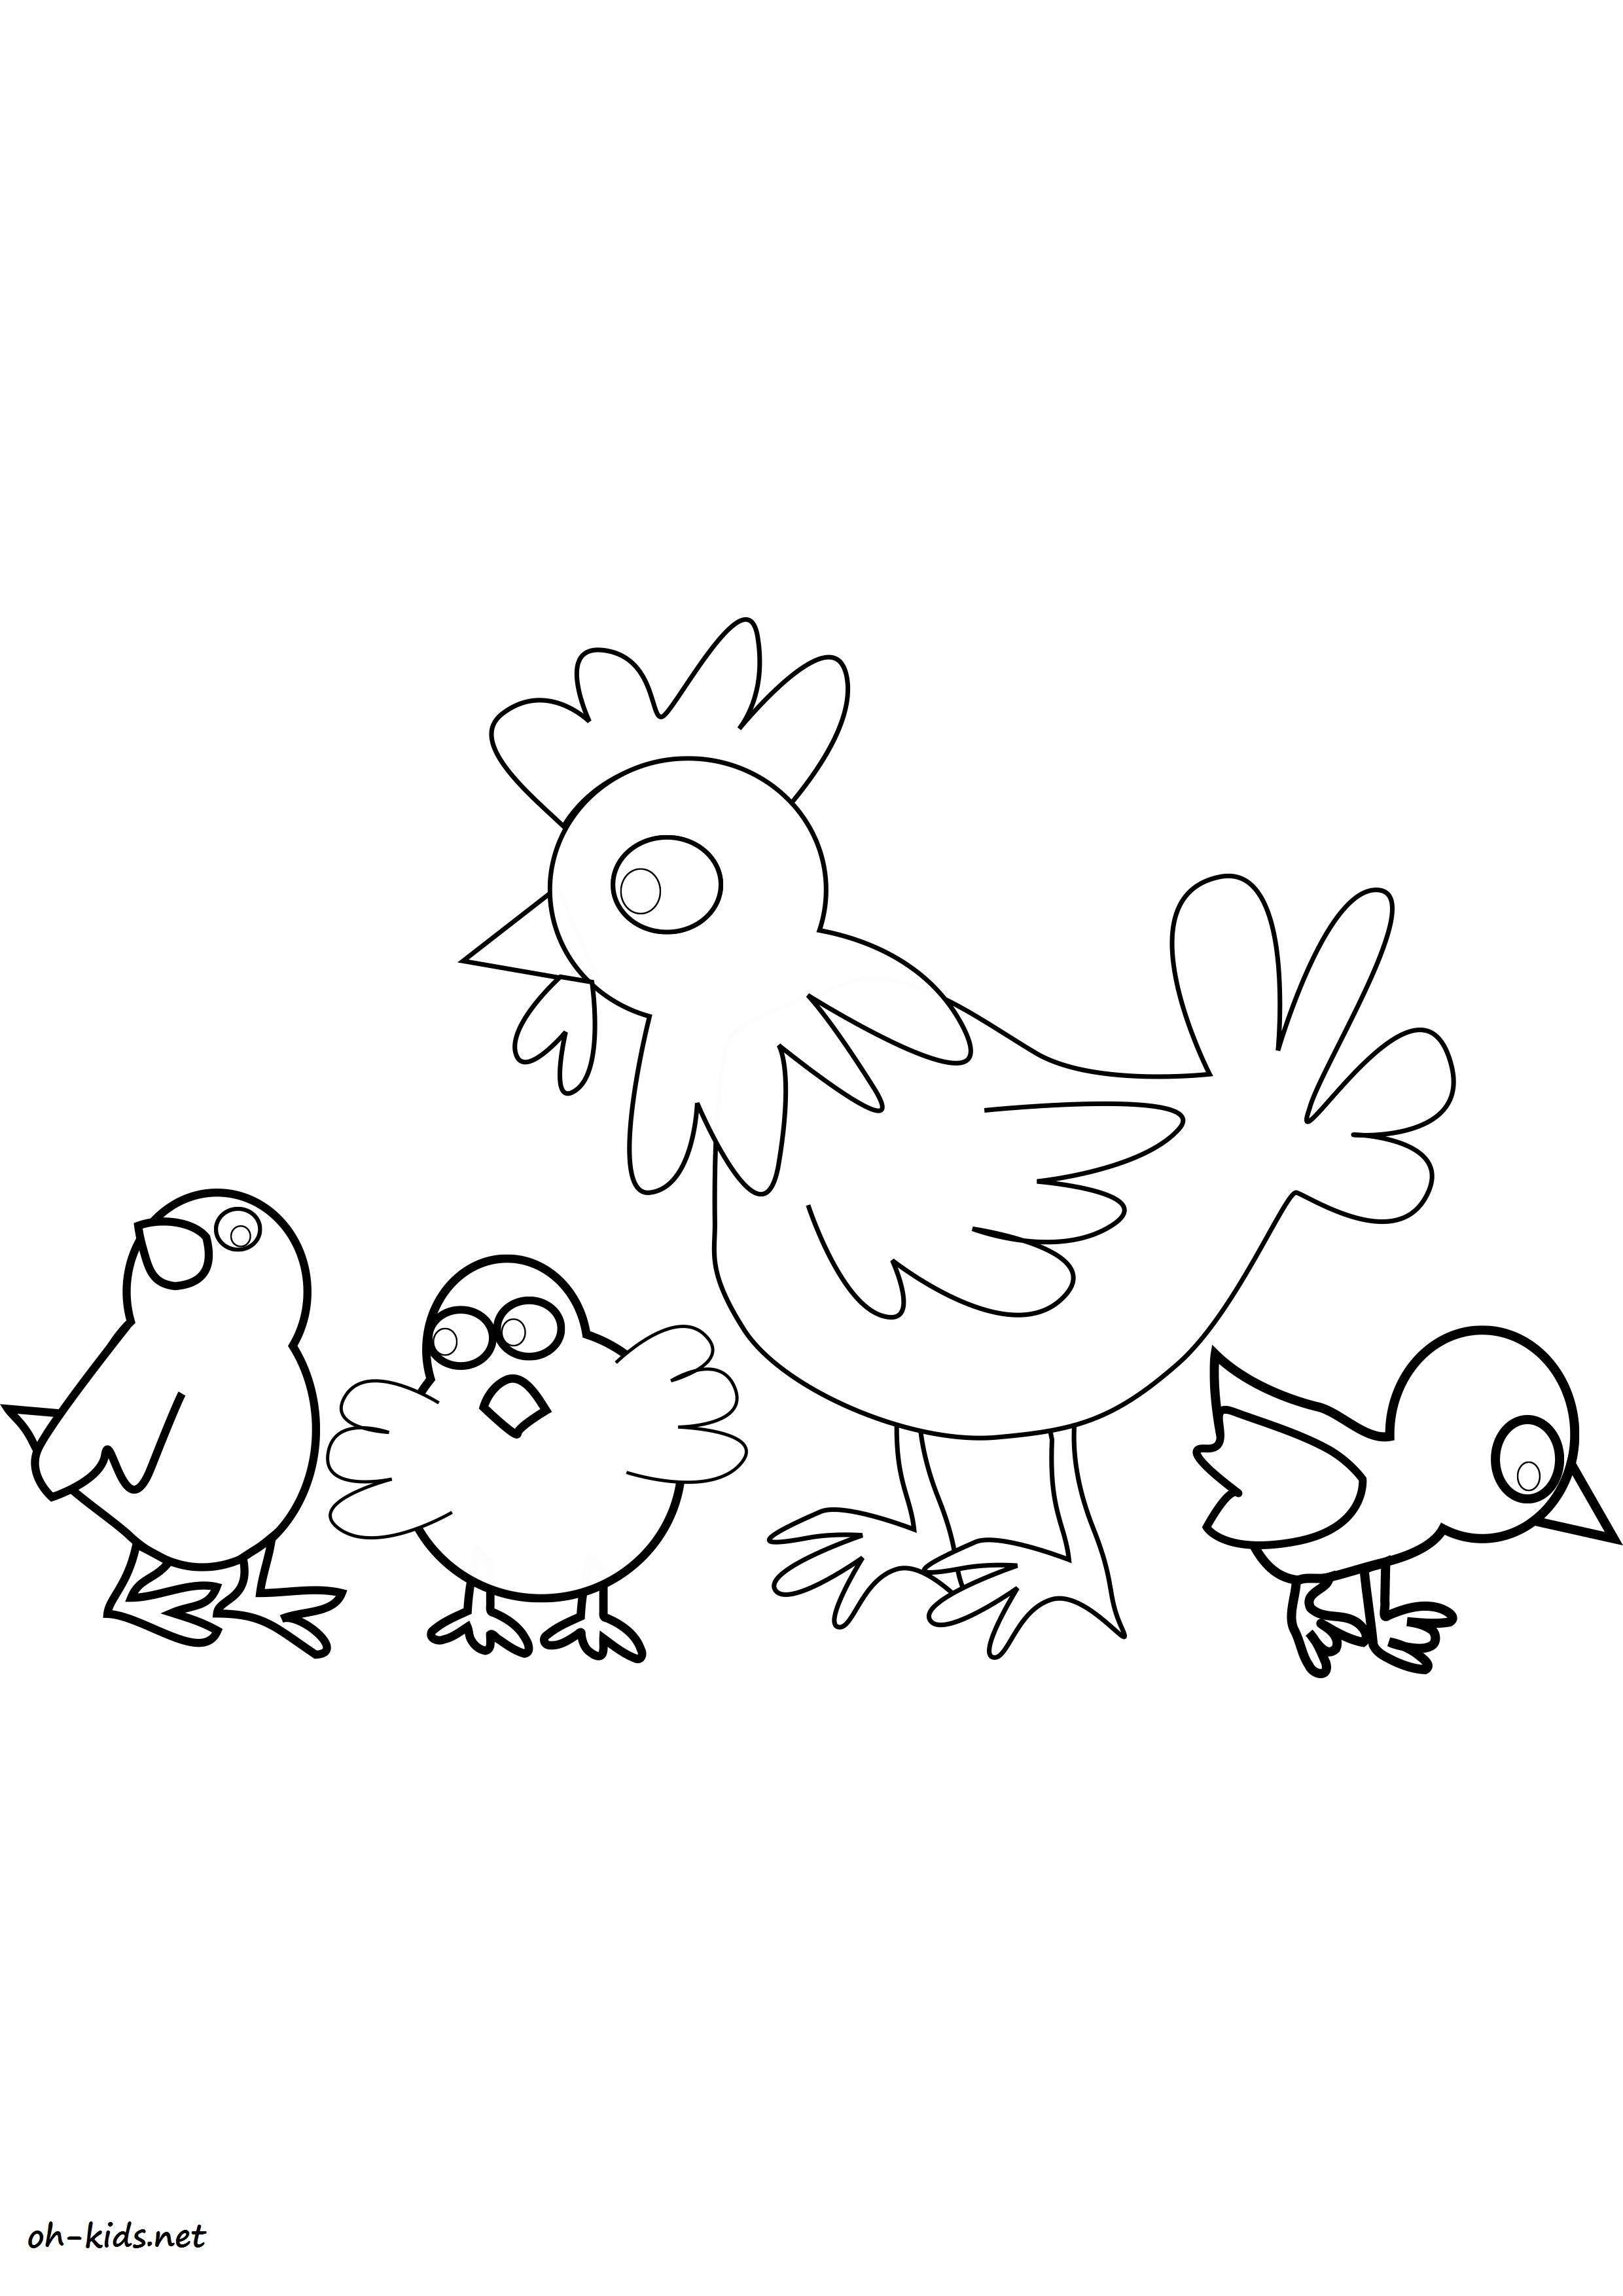 Meilleur De Image Coloriage Animaux De La Ferme